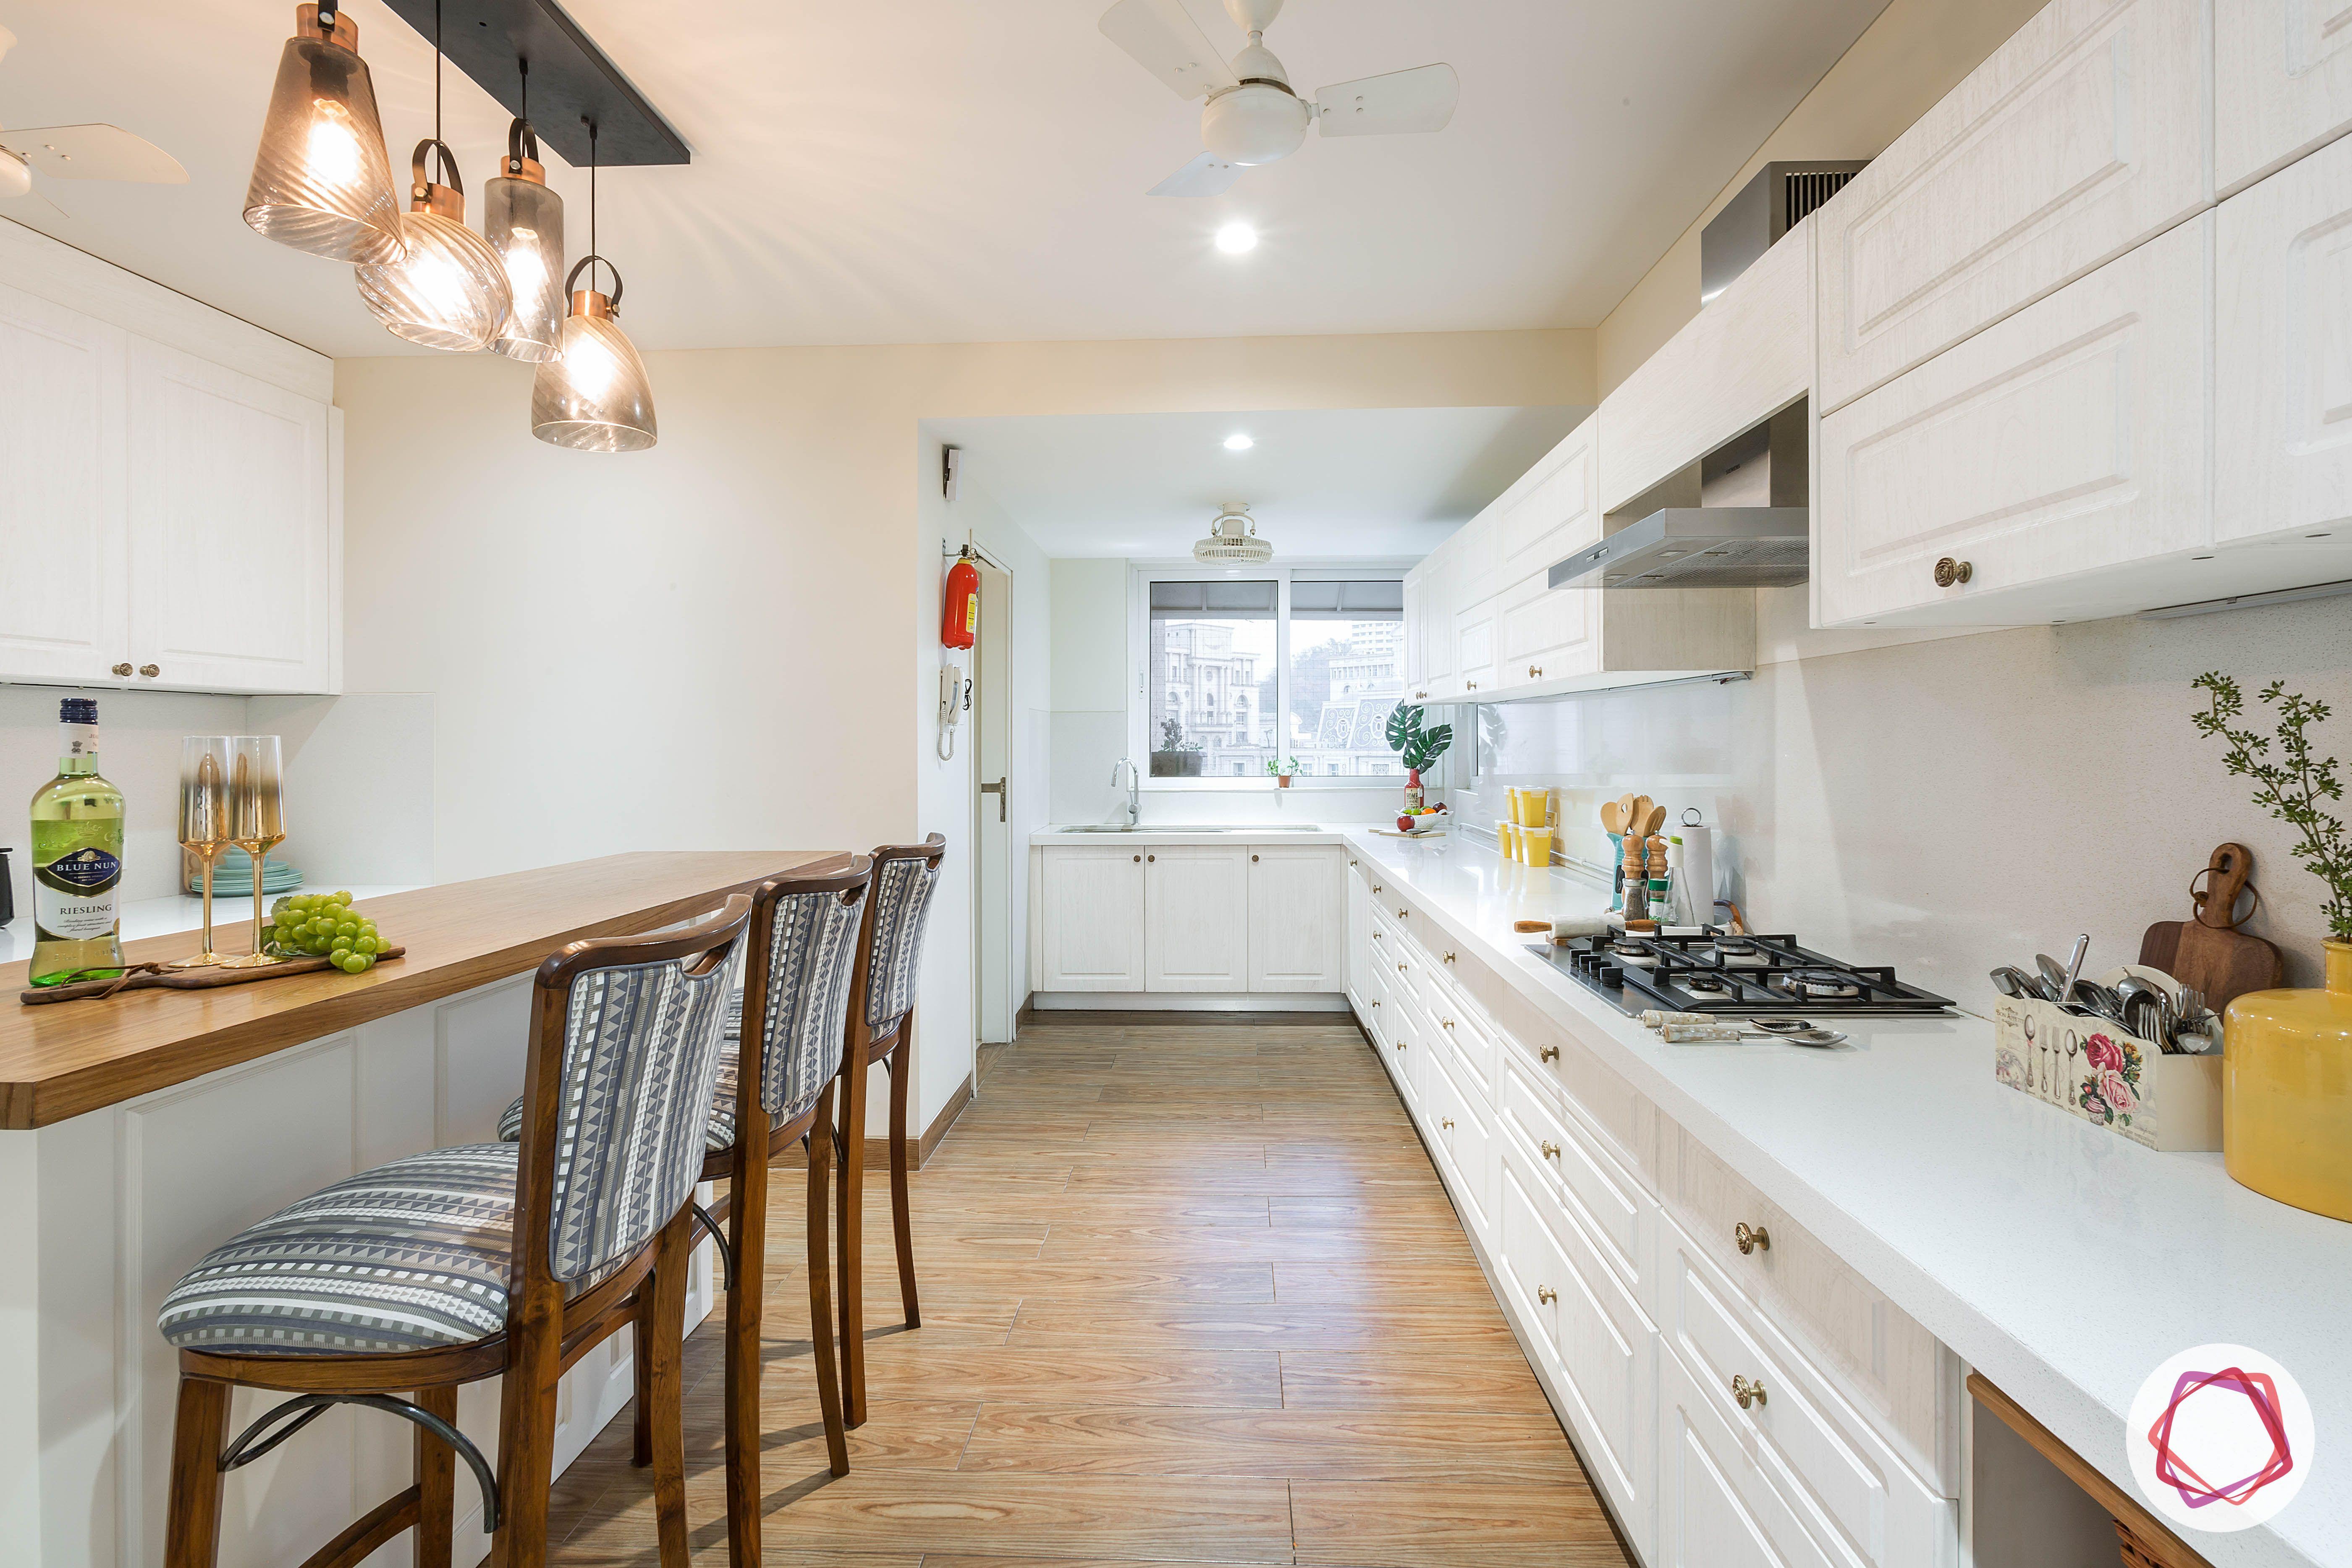 condo-interior-design-white-kitchen-designs-white-countertop-design